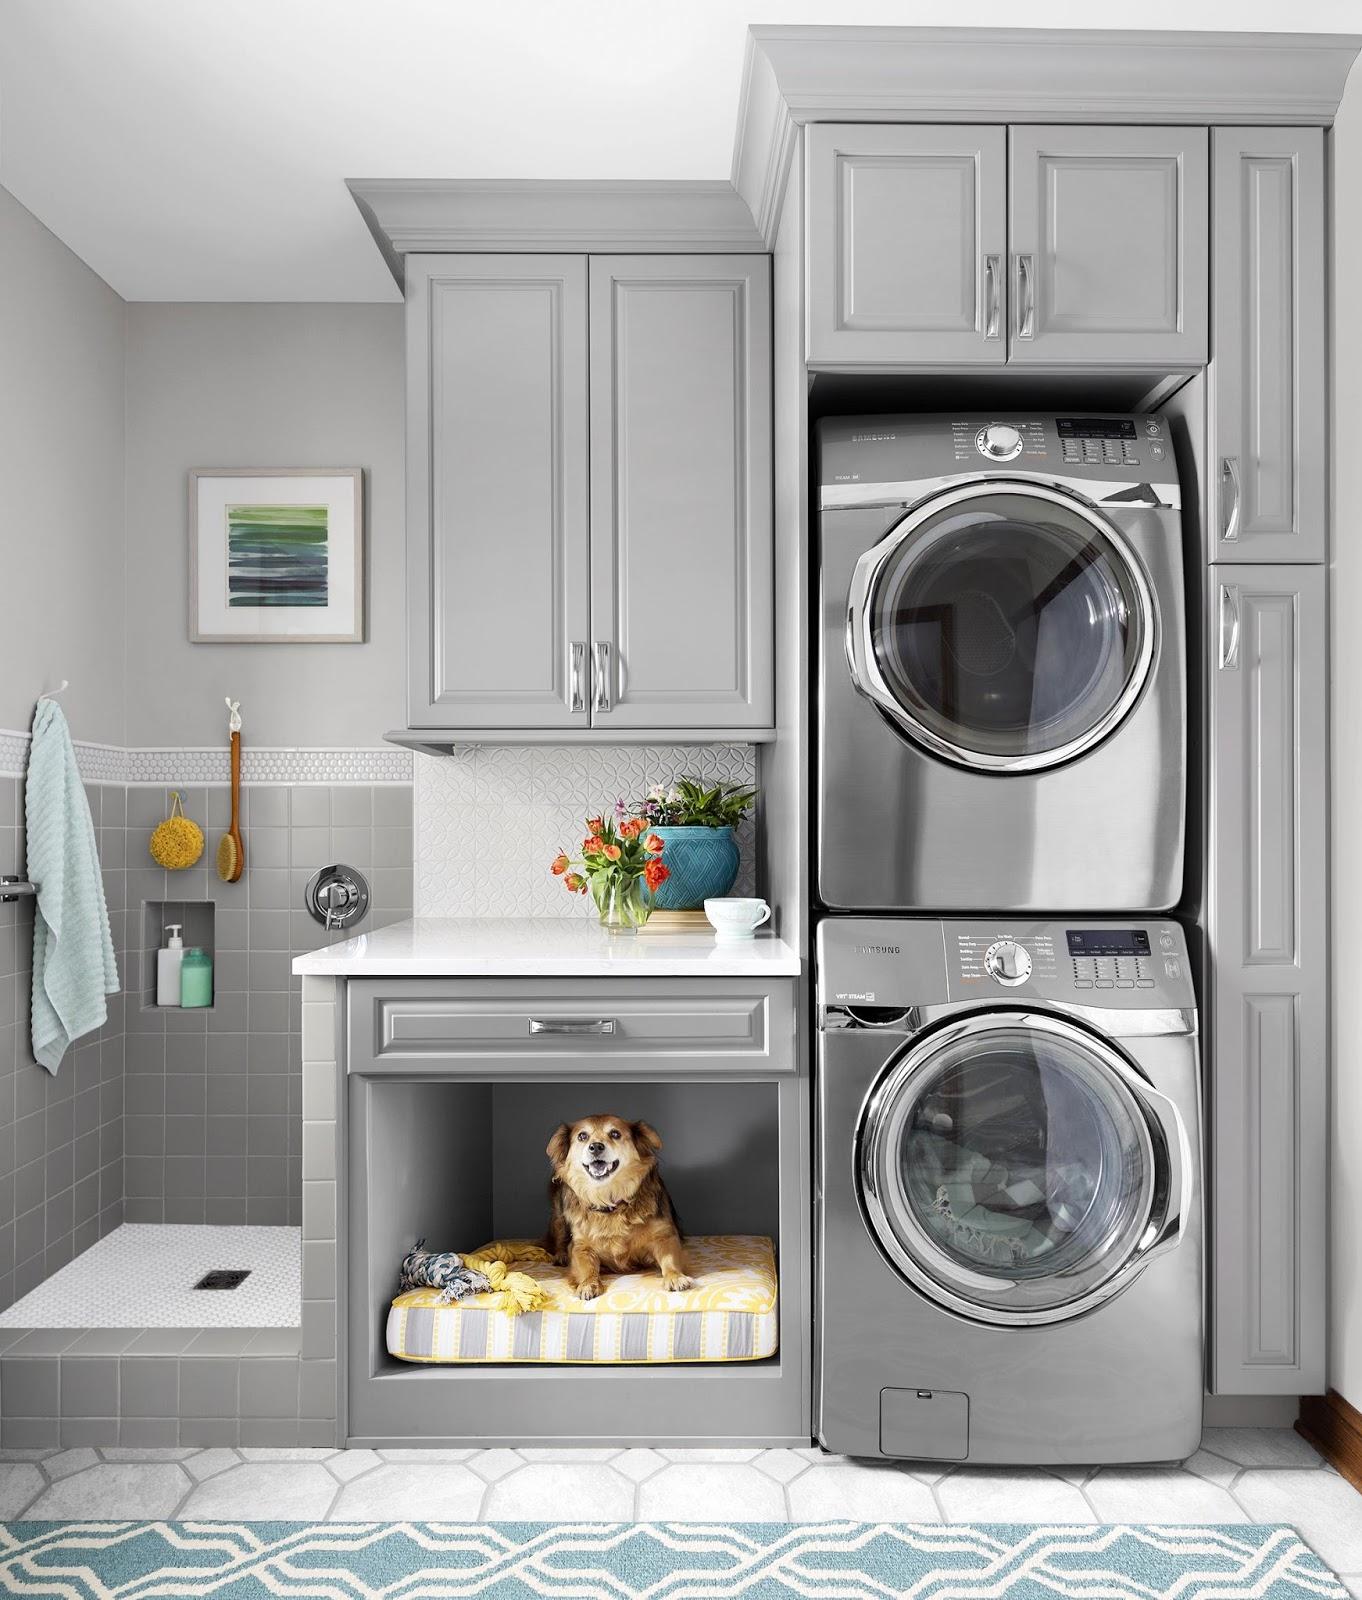 https://2.bp.blogspot.com/-KaxkCNBQqvE/WeUvvT8UrAI/AAAAAAAAkHg/kIgDZioq8Z8QECGbvYOeqj-k2qN1mPtKACLcBGAs/s1600/laundry%2Broom%2Bdog%2Bwash.jpg